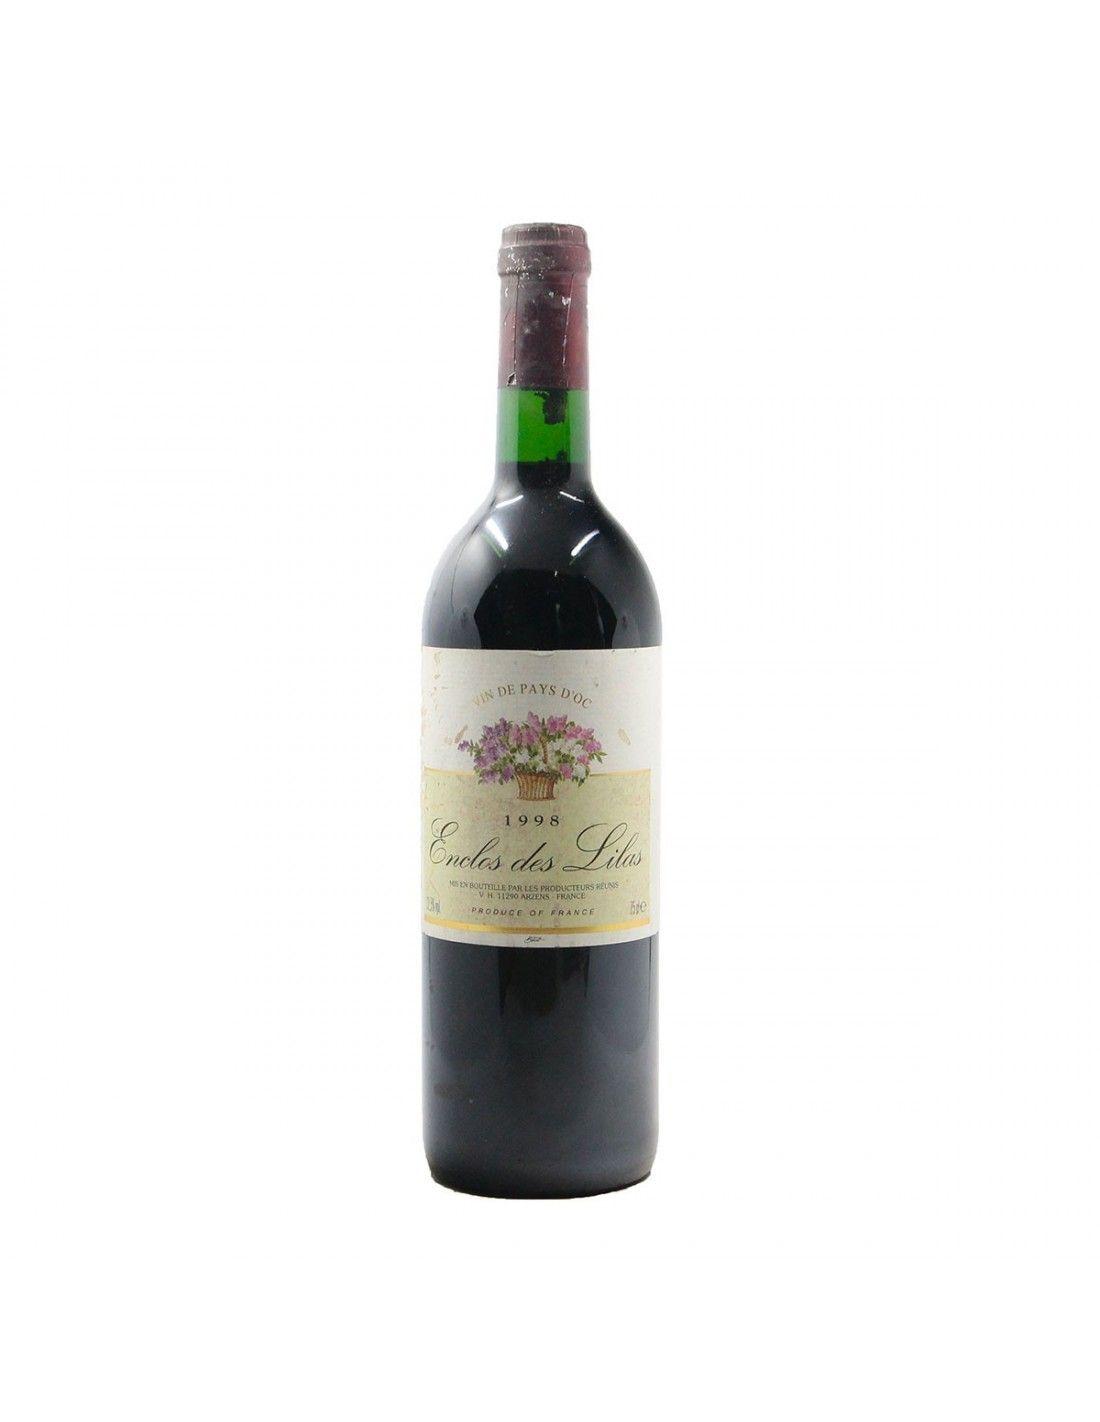 Vin De Pays D'Oc 1998 ENCLOS DEL LILAS GRANDI BOTTIGLIE